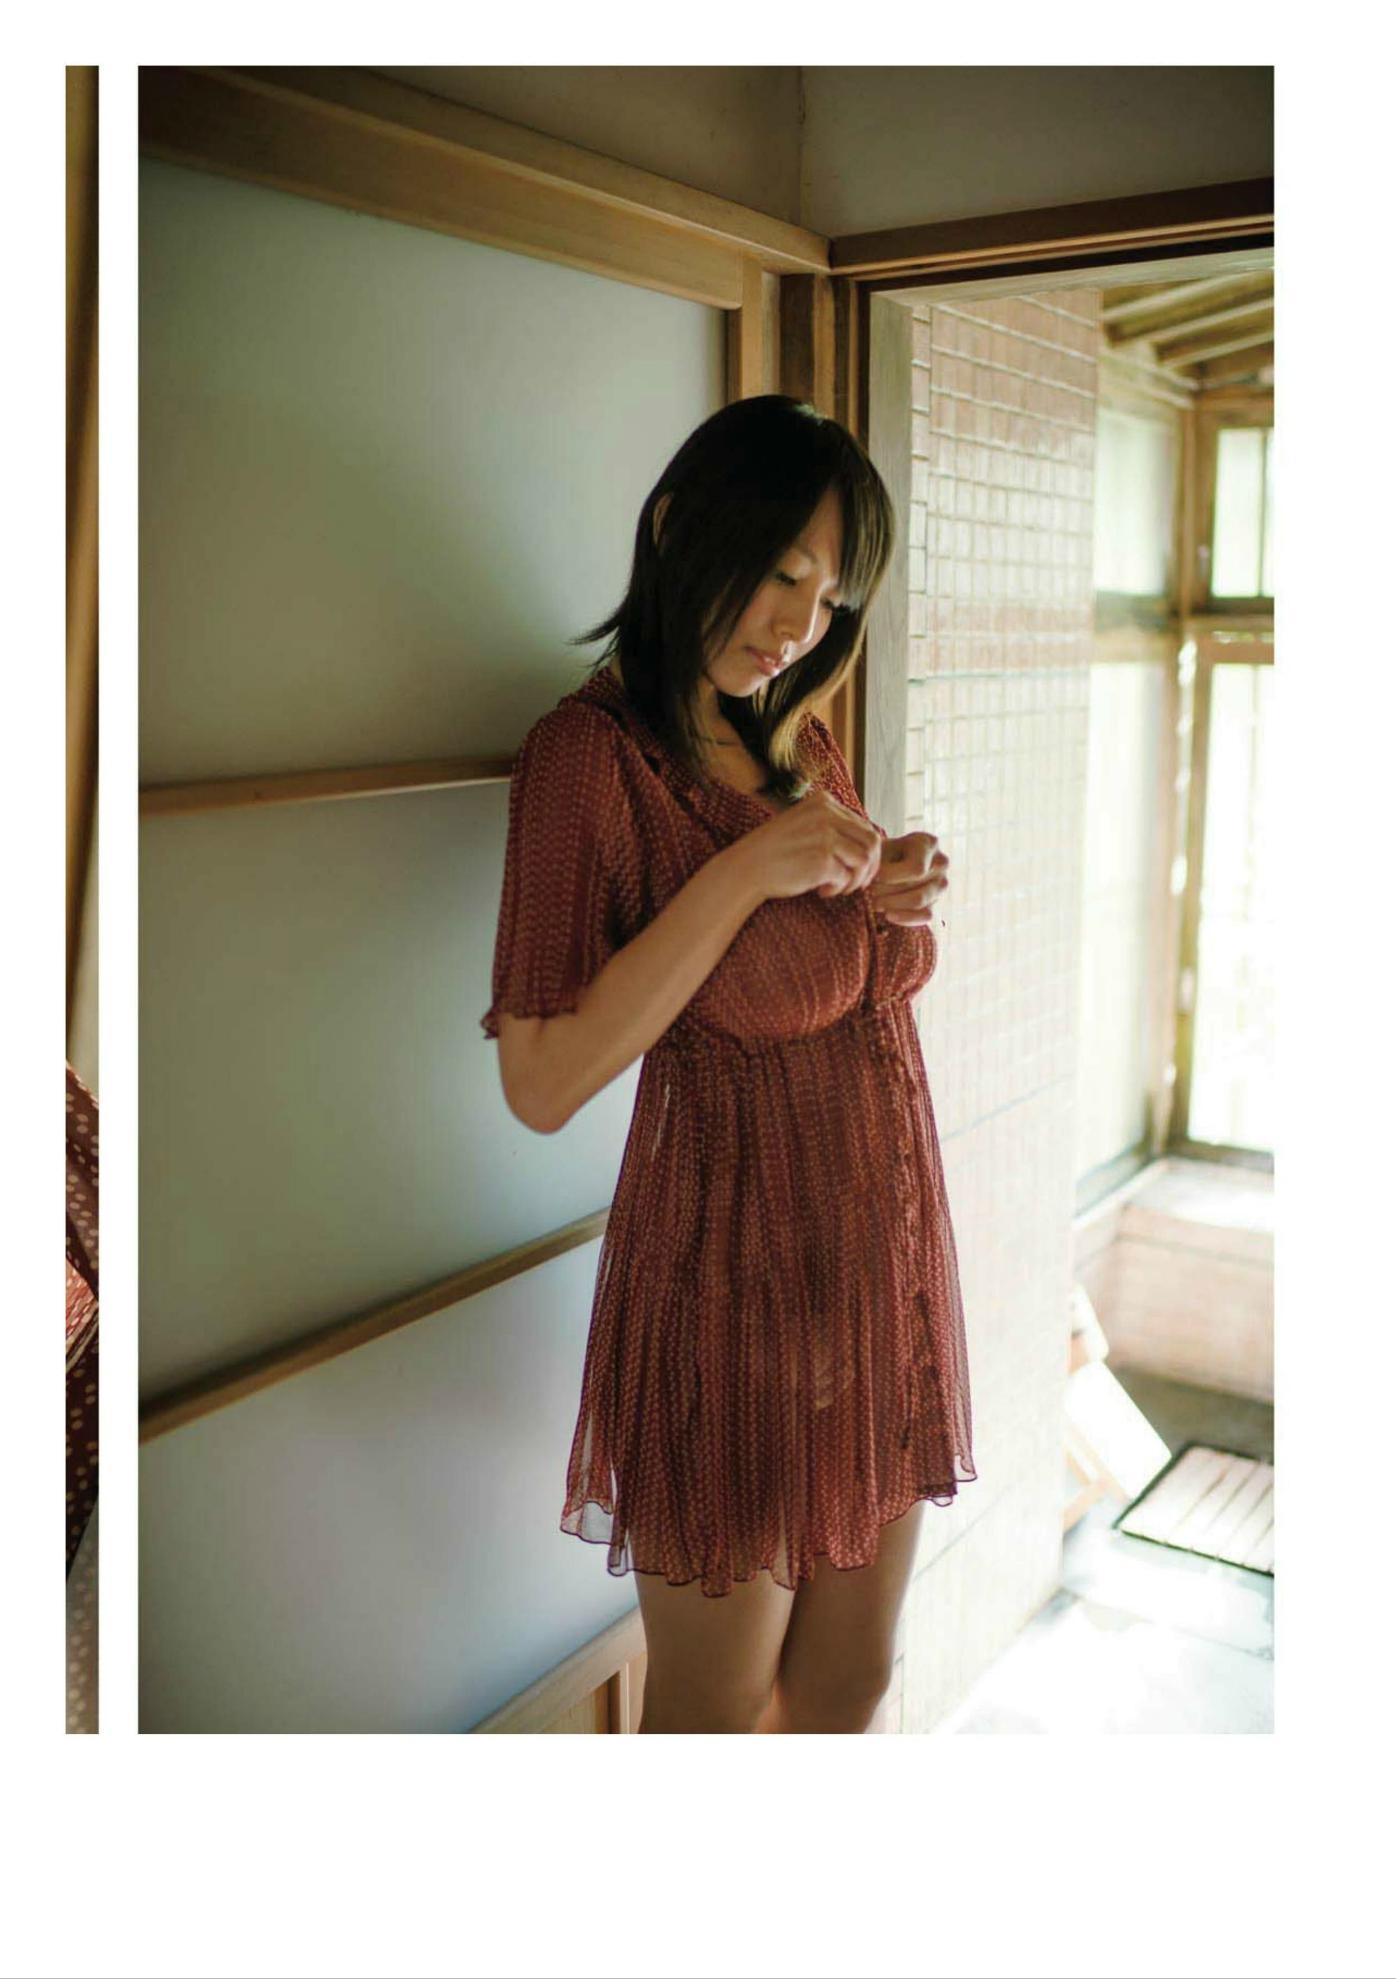 image http://scanlover.com/assets/images/2952-vOcKuFXfIHQaOUJi.jpeg